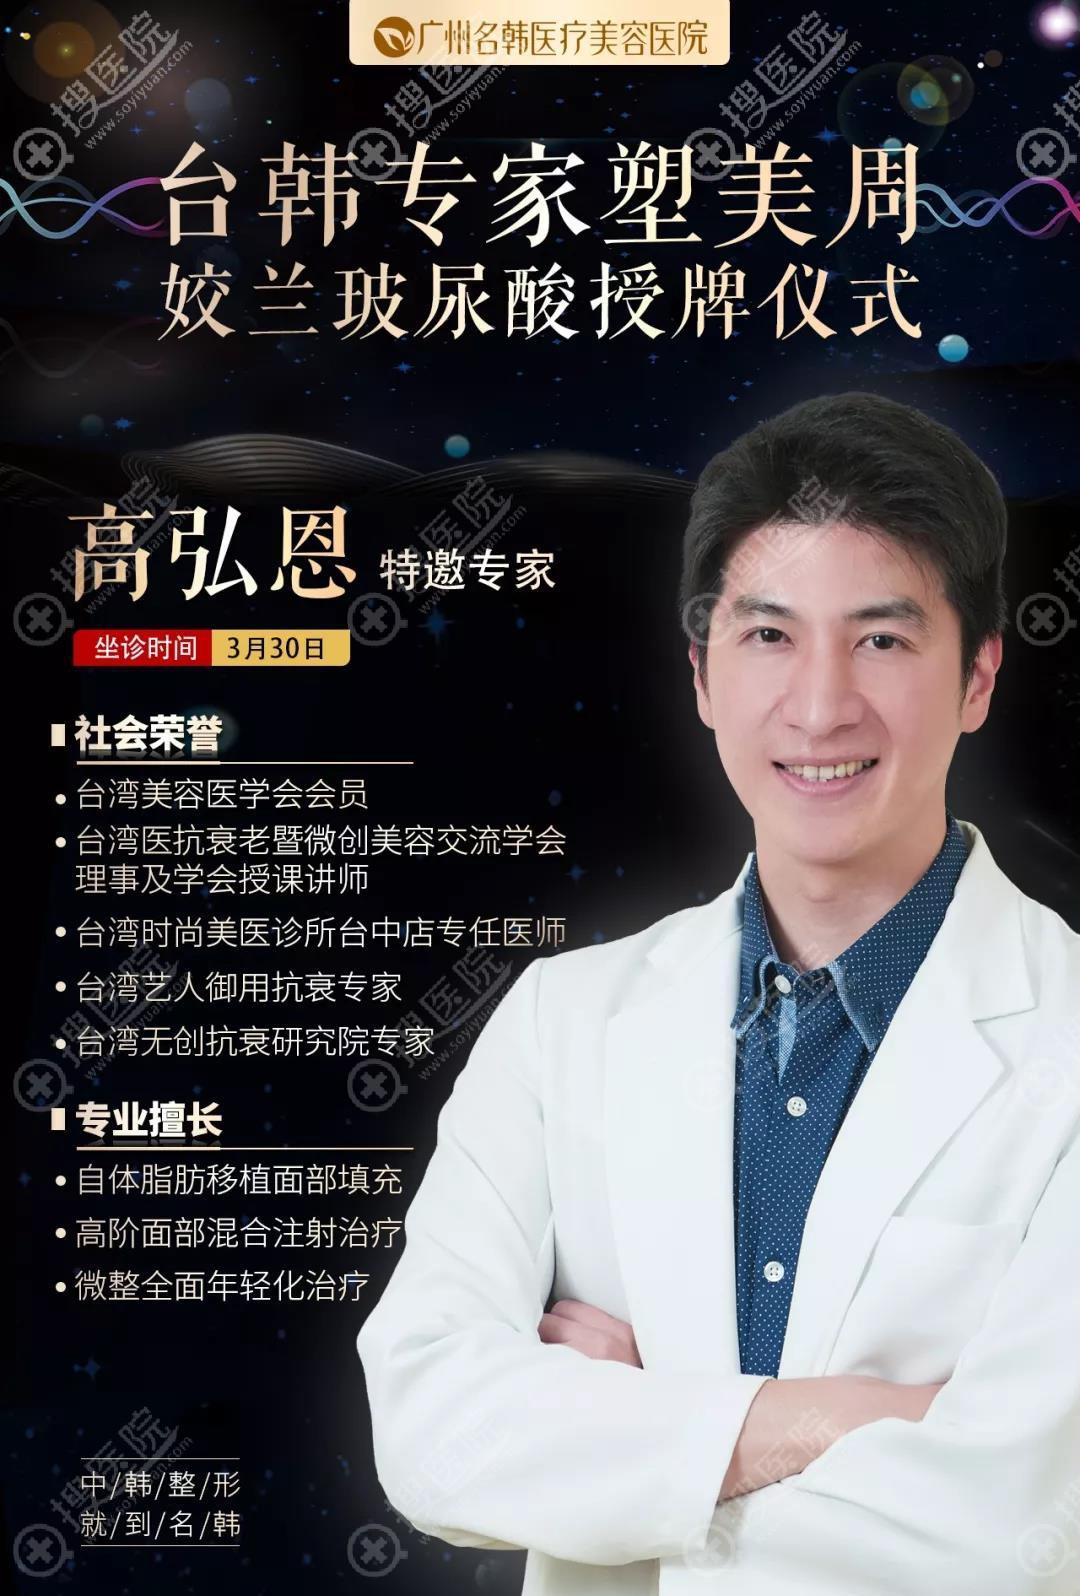 广州名韩特邀台湾抗衰专家高弘恩